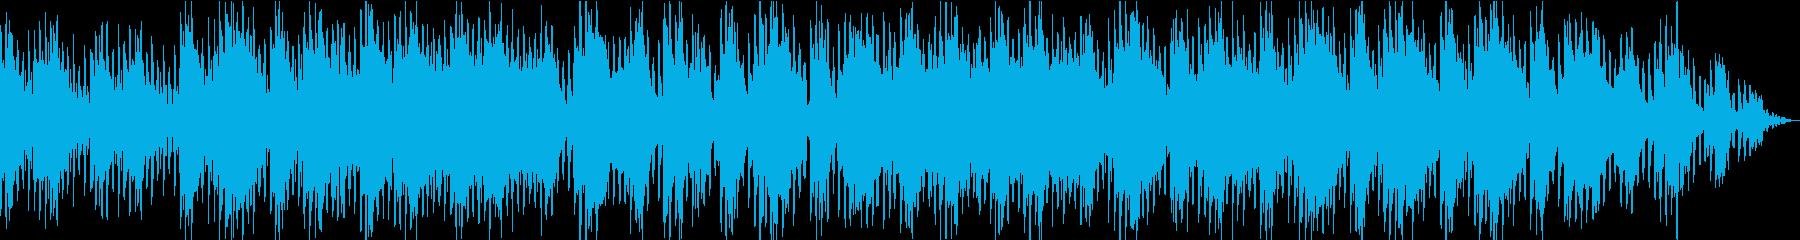 癒しのメロウギターの再生済みの波形